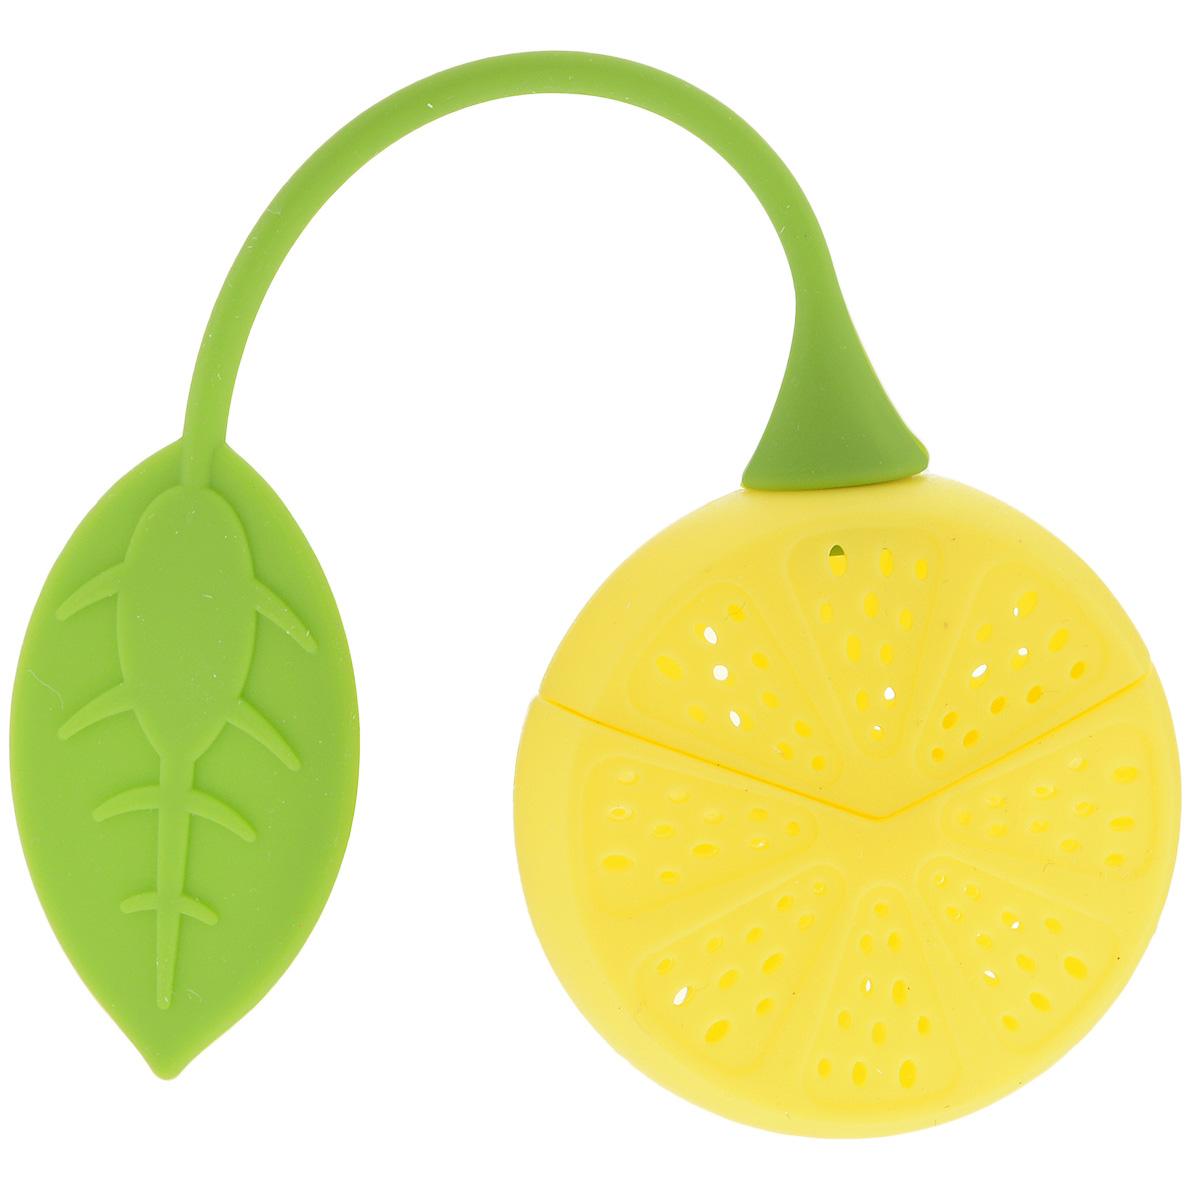 Ситечко для чая Marmiton Лимон, цвет: желтый, зеленый16138Ситечко для заваривания чая Marmiton Лимон выполнено из высококачественного силикона в виде лимона с отверстиями. Изделие оснащено силиконовой ручкой в виде листика. Ситечко оригинального яркого дизайна займет достойное место на вашей кухне. Теперь можно заваривать любимый чай быстро и легко!Размер ситечка (без учета ручки): 5 см х 5 см х 2,5 см. Длина ручки ситечка: 13 см.